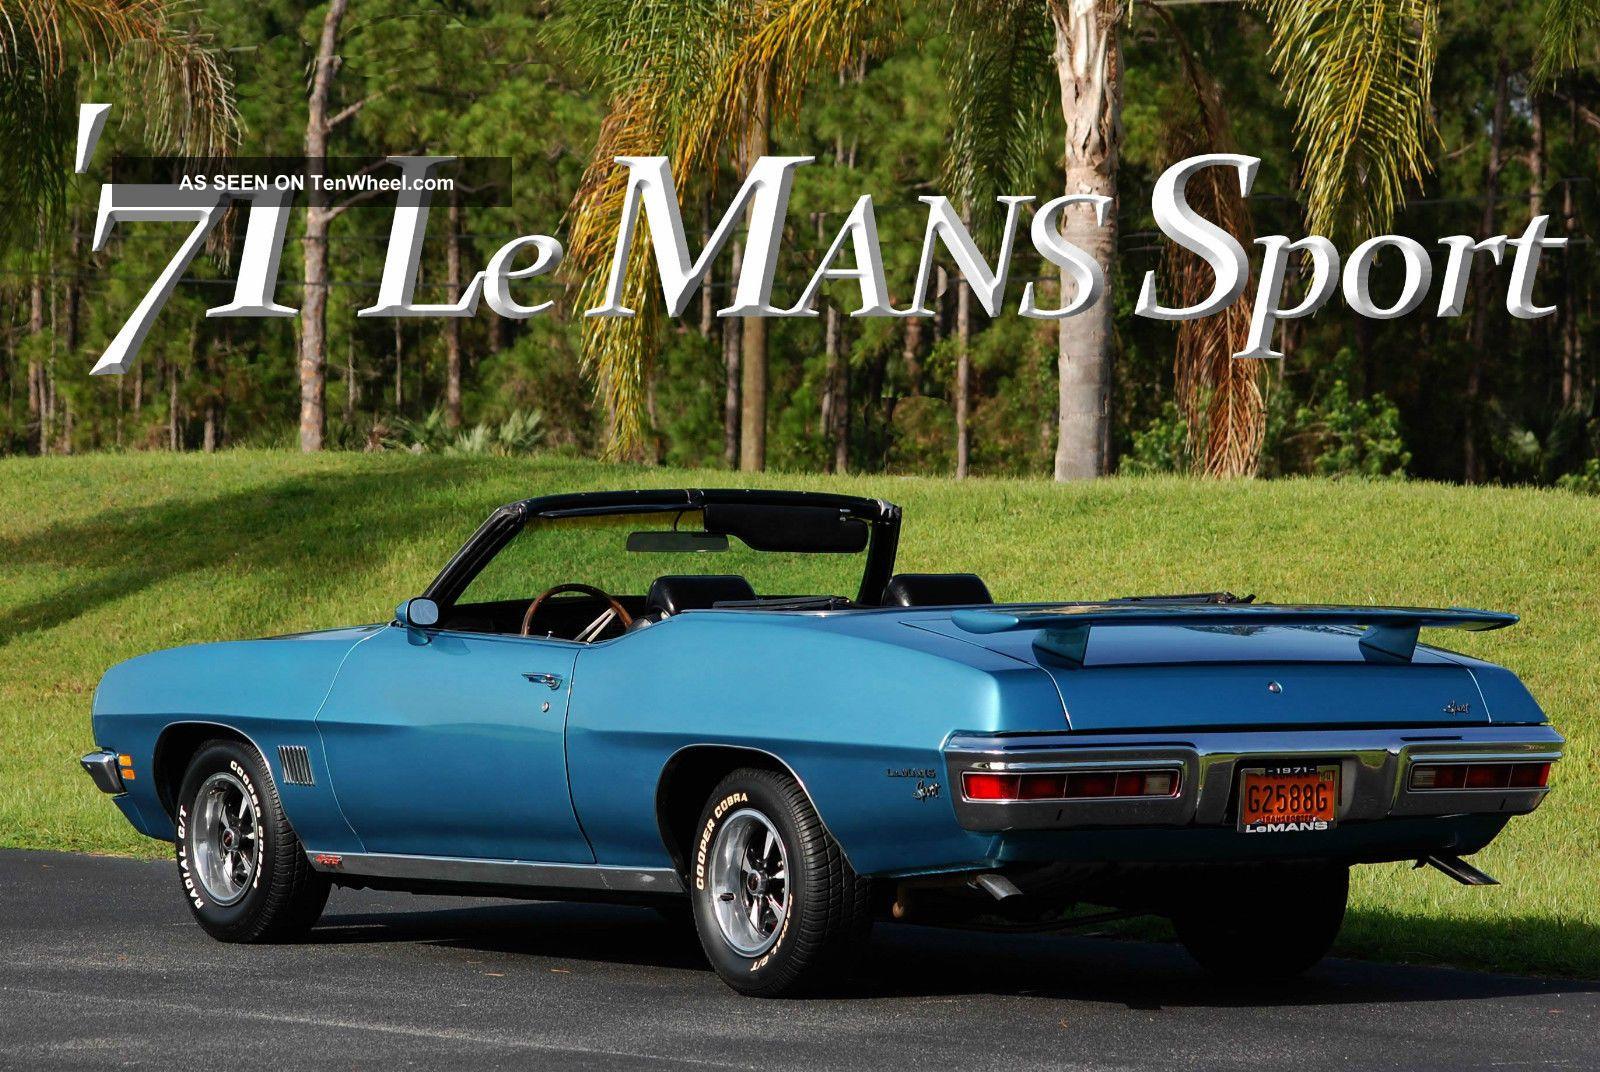 1971 Pontiac Le Mans Sport Convertible Mild Resto Gto Clone Muscle Car Survivor Le Mans photo